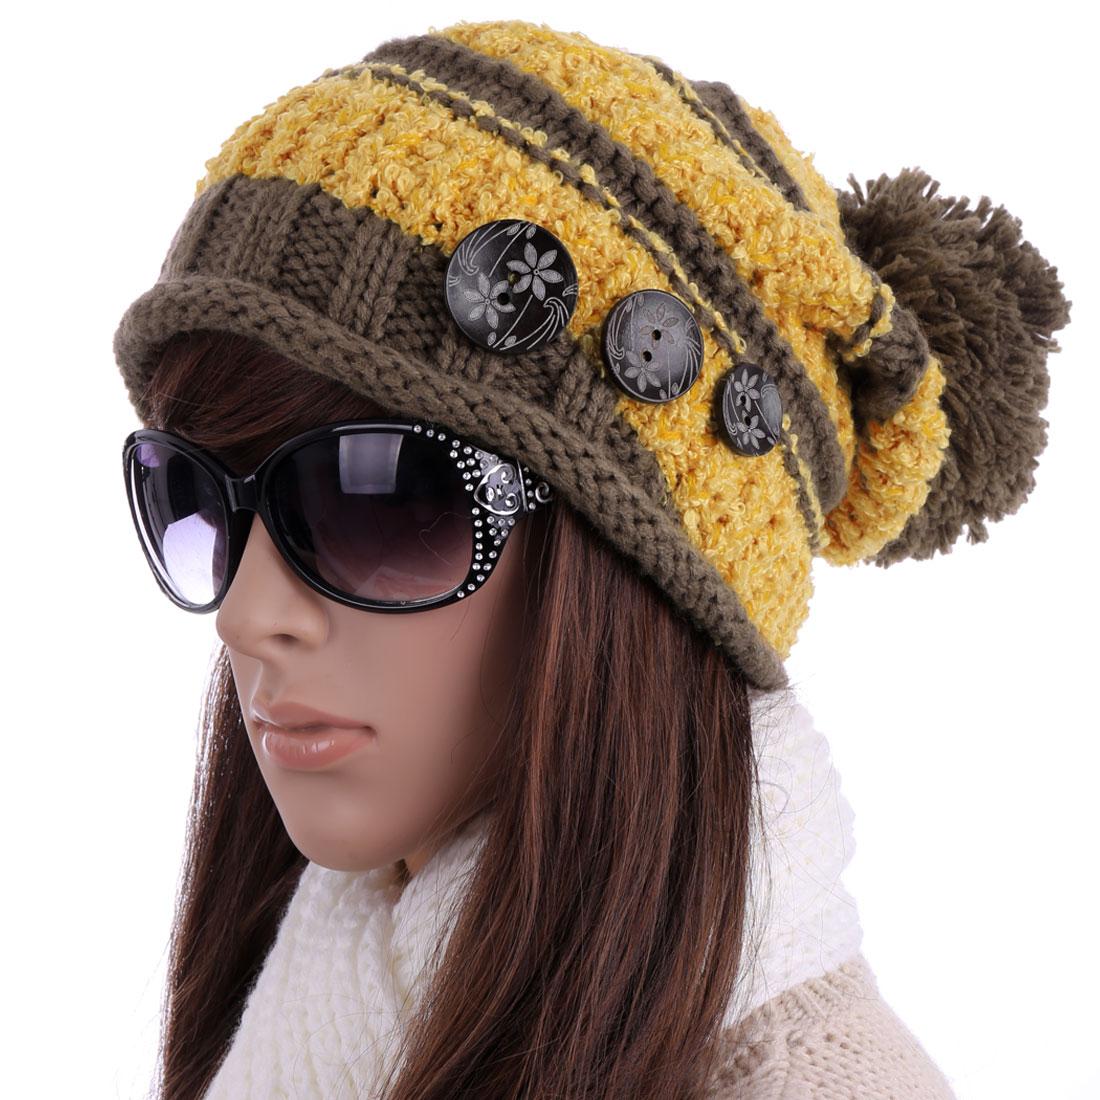 Women's Pom Pom Stretchy Warm Winter Knitted Beanie Hat Yellow